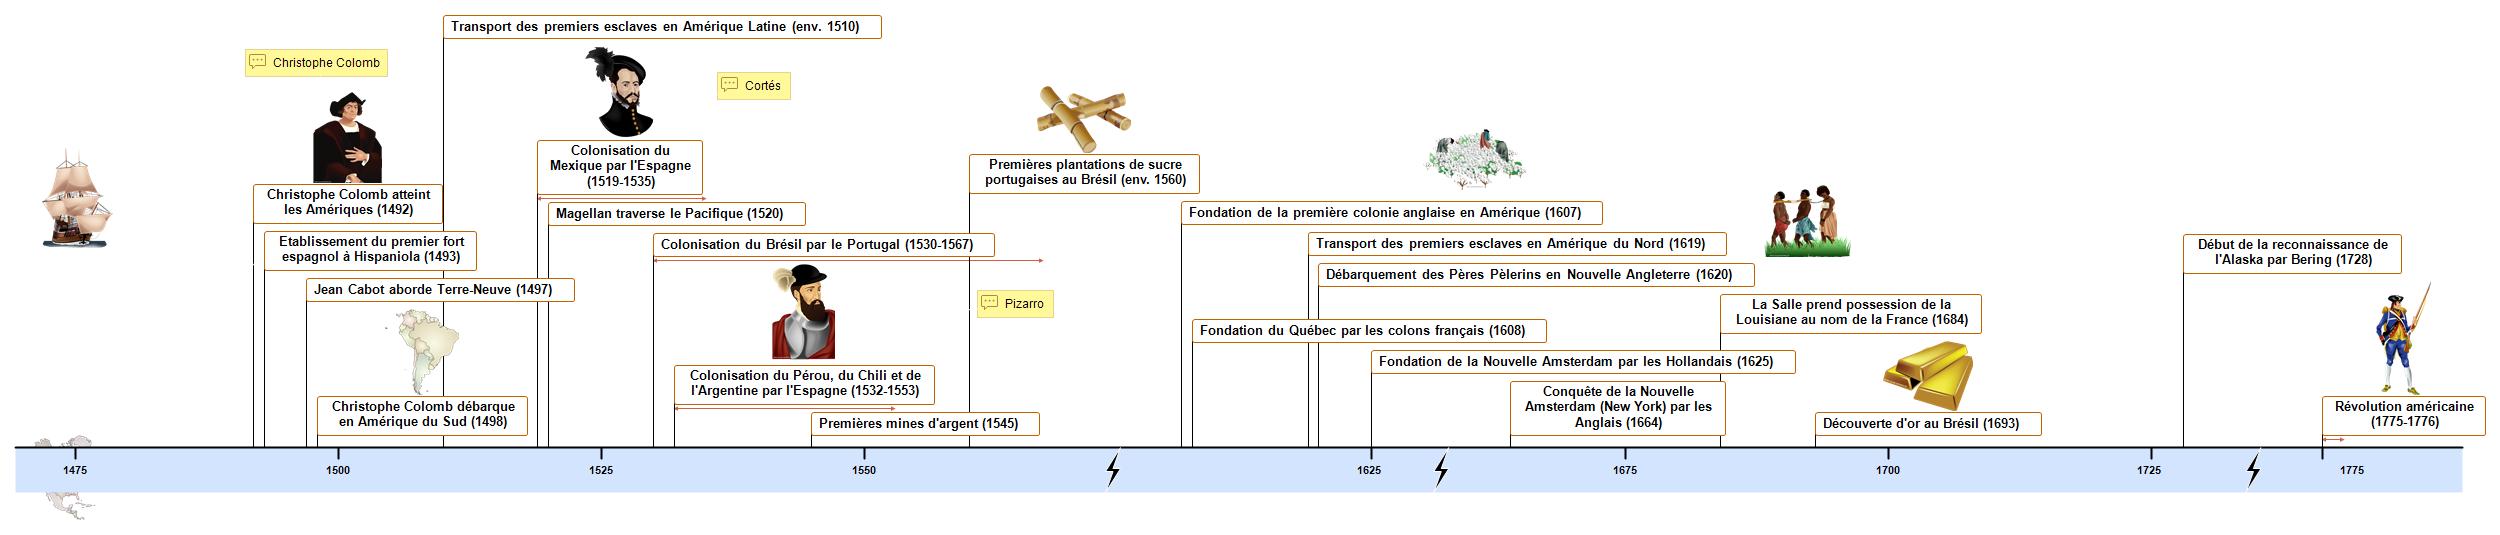 Le Nouveau Monde Timeline